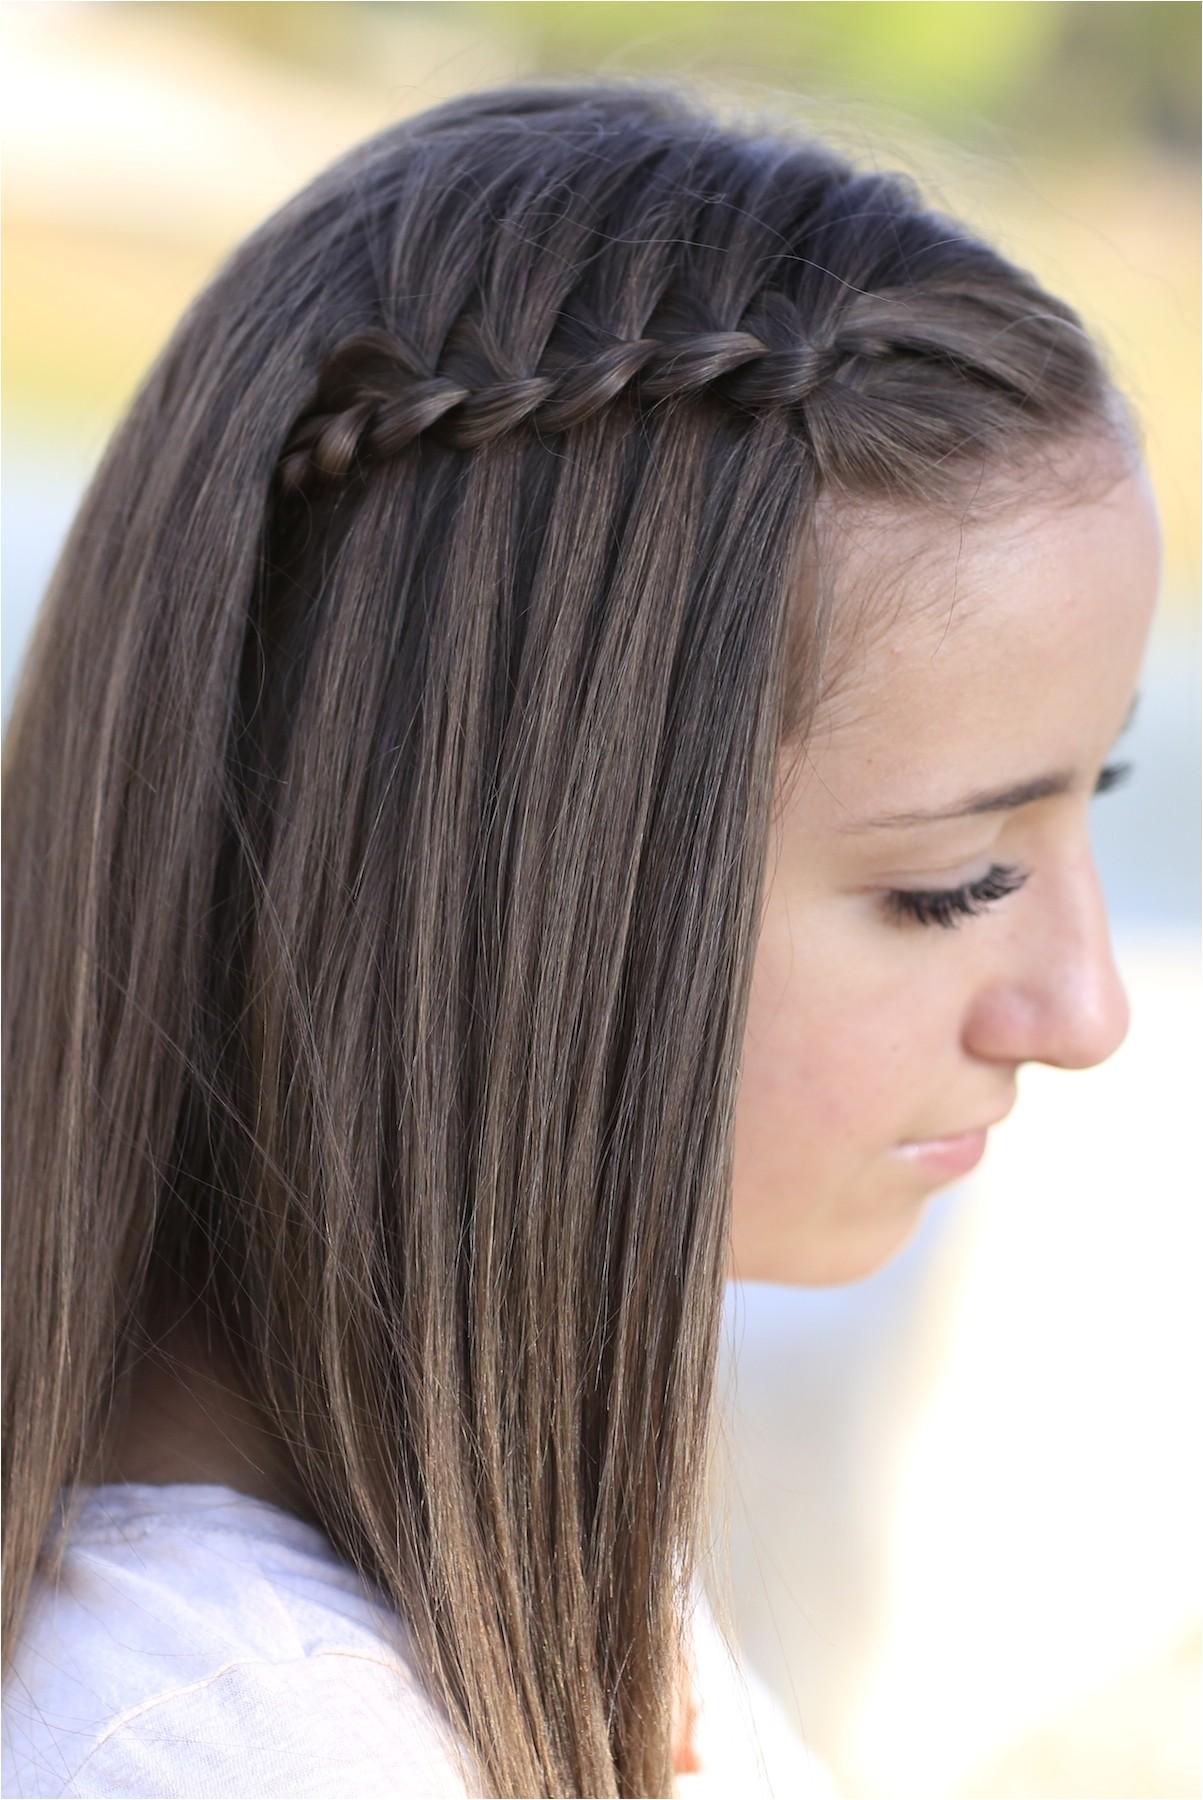 Hairstyles untuk kanak kanak perempuan berusia 12 tahun 41